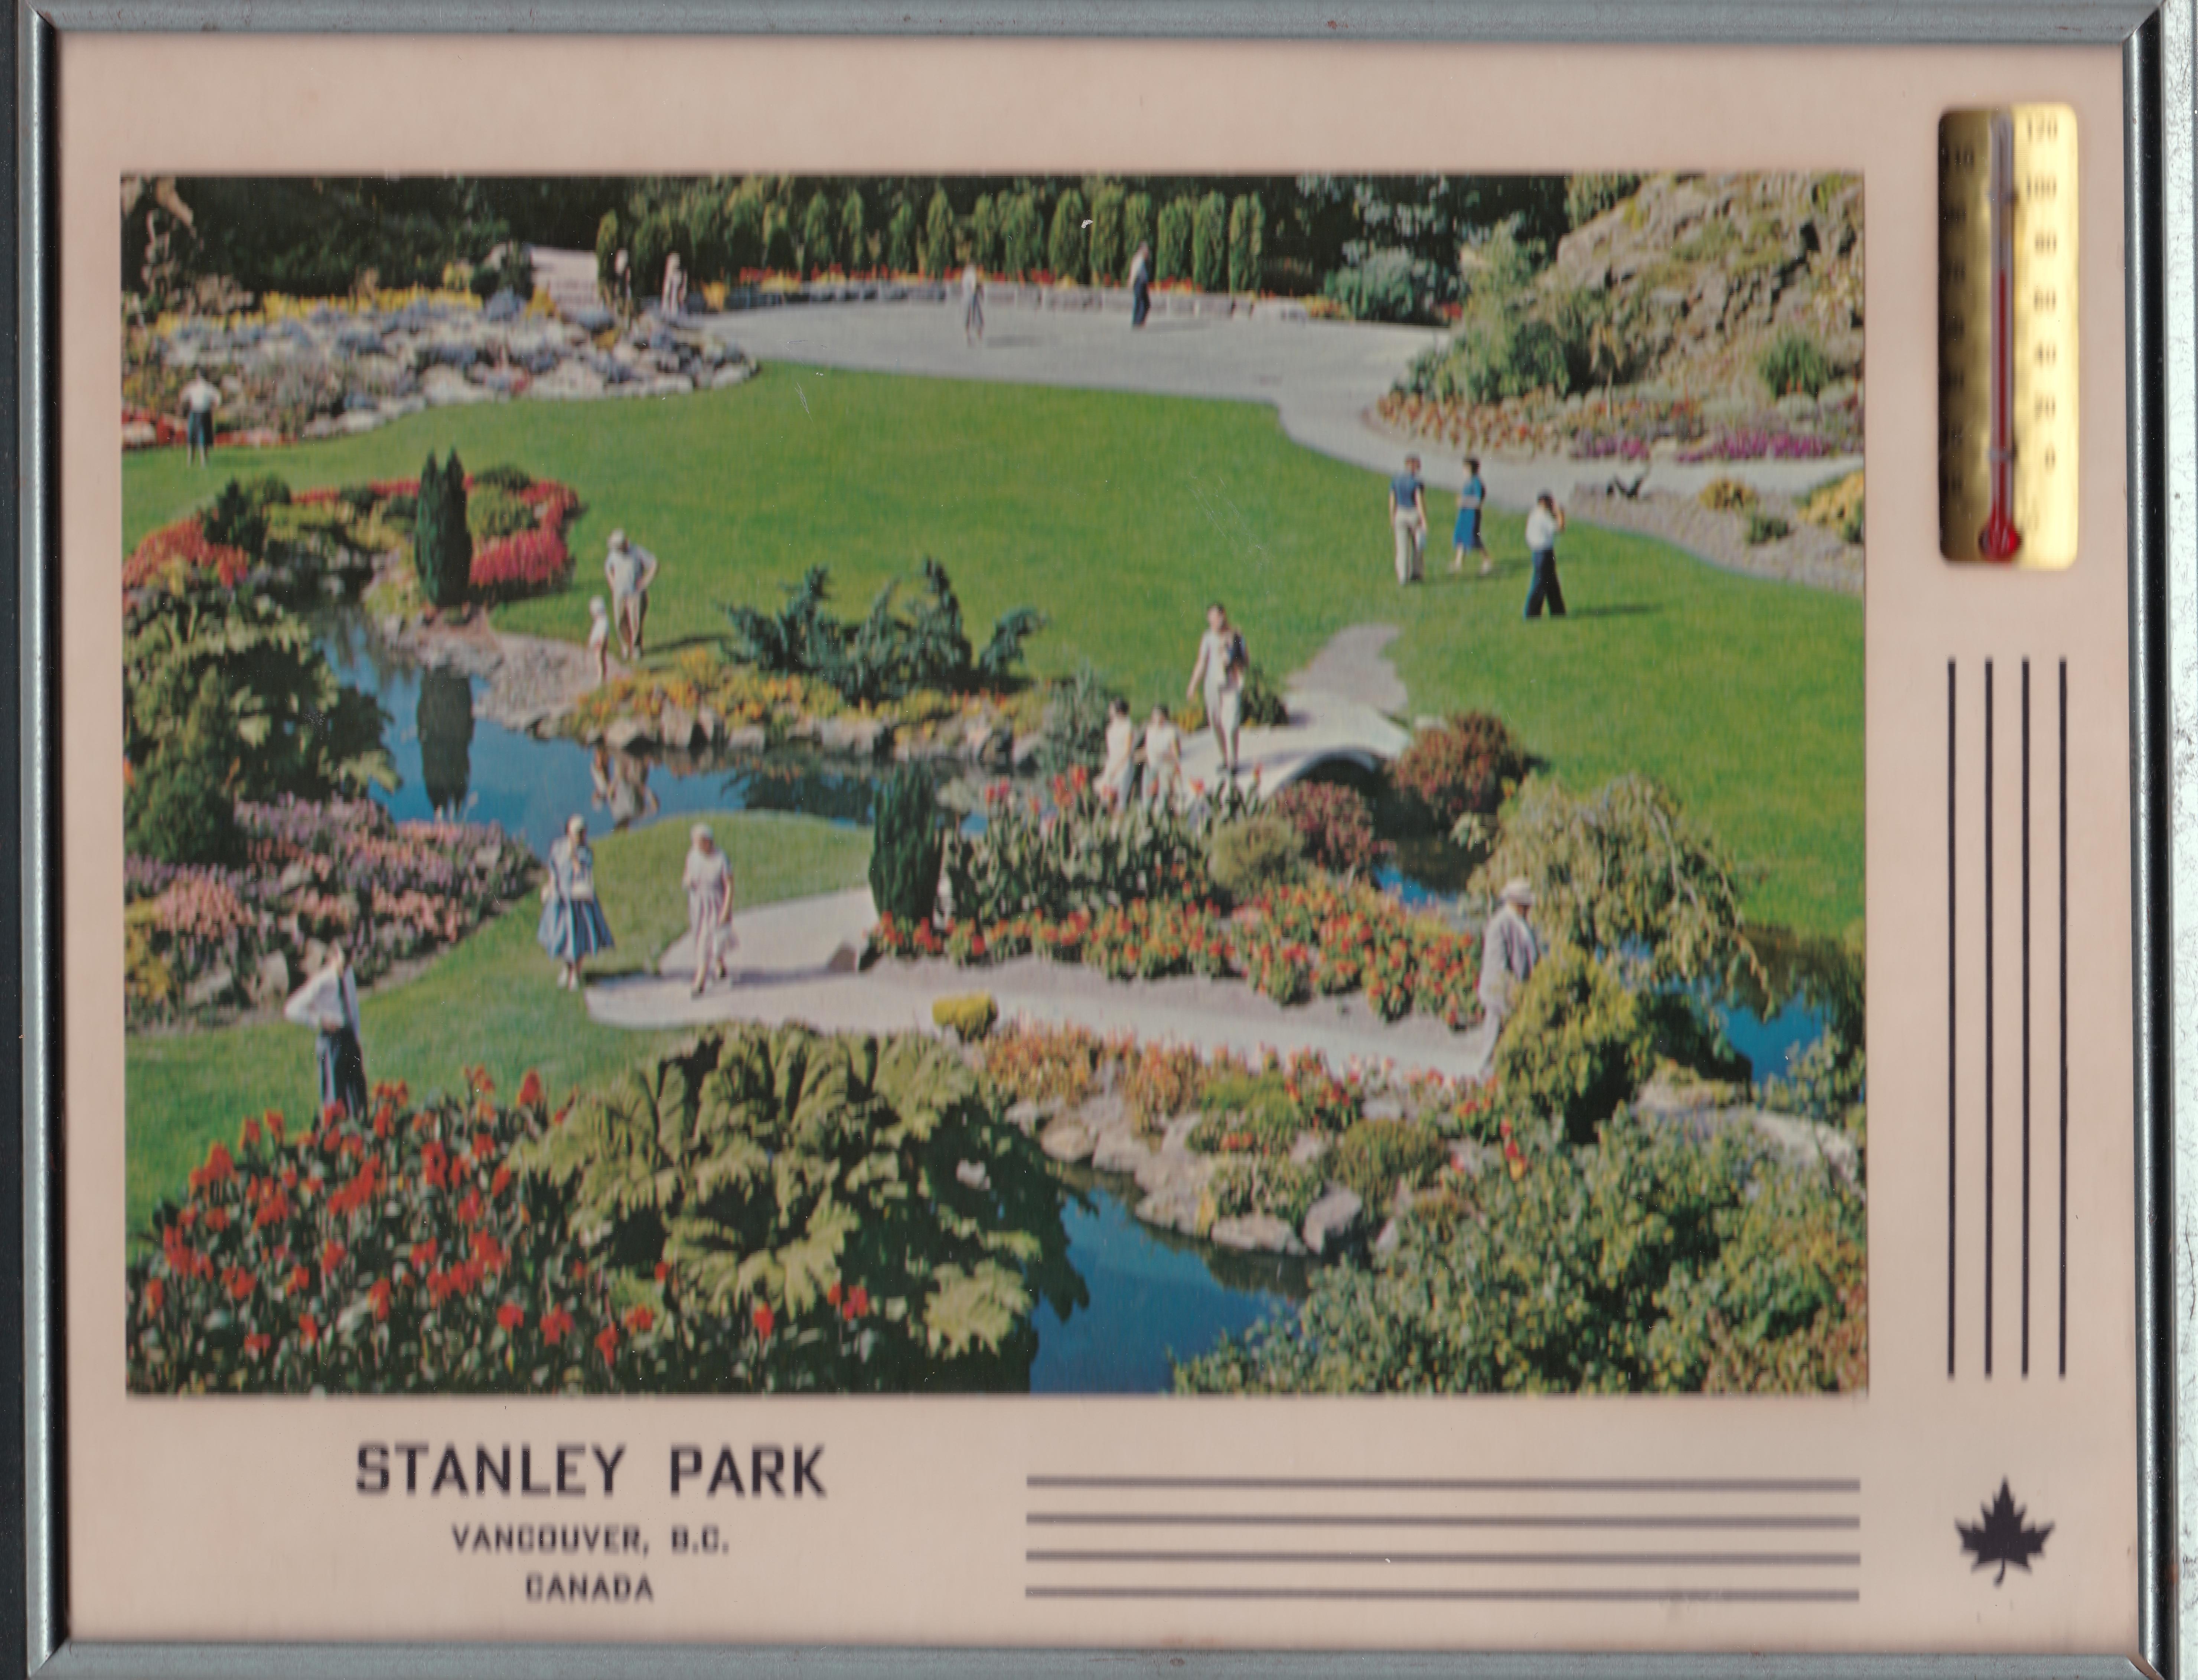 Stanley Park - Leth Acquisition